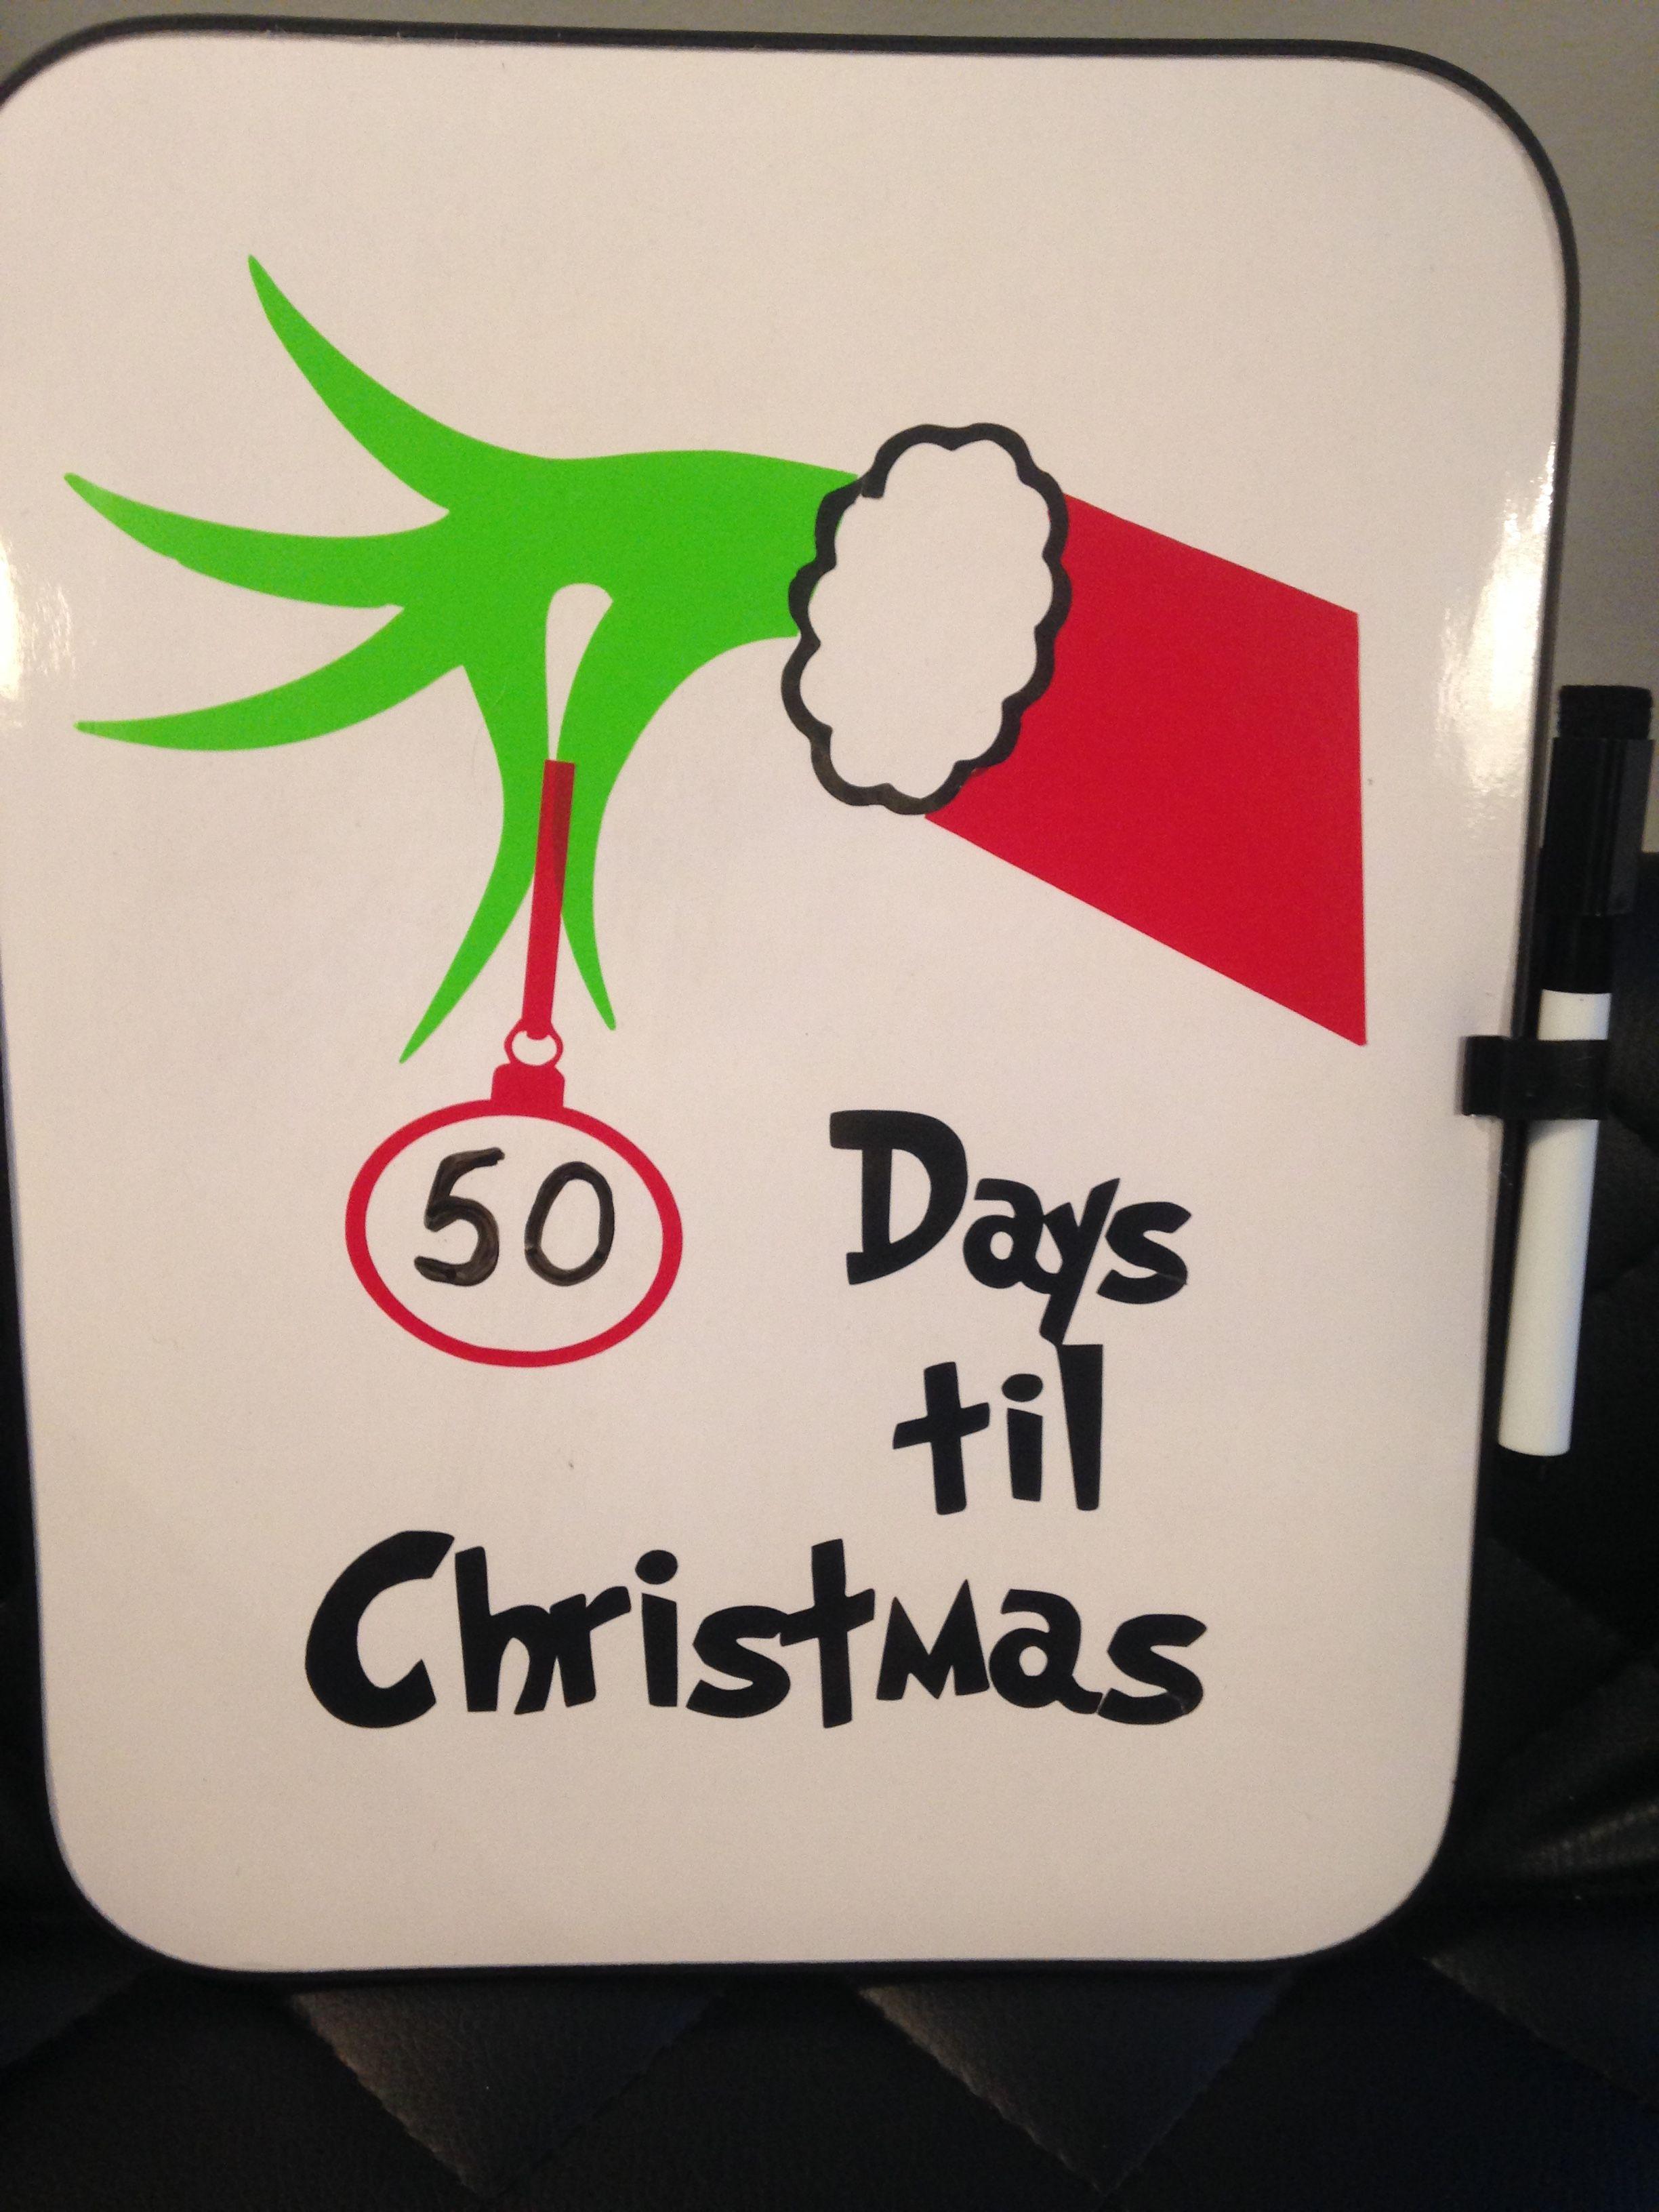 Countdown Till Christmas.Countdown Till Christmas Whiteboard Cricut Cricut